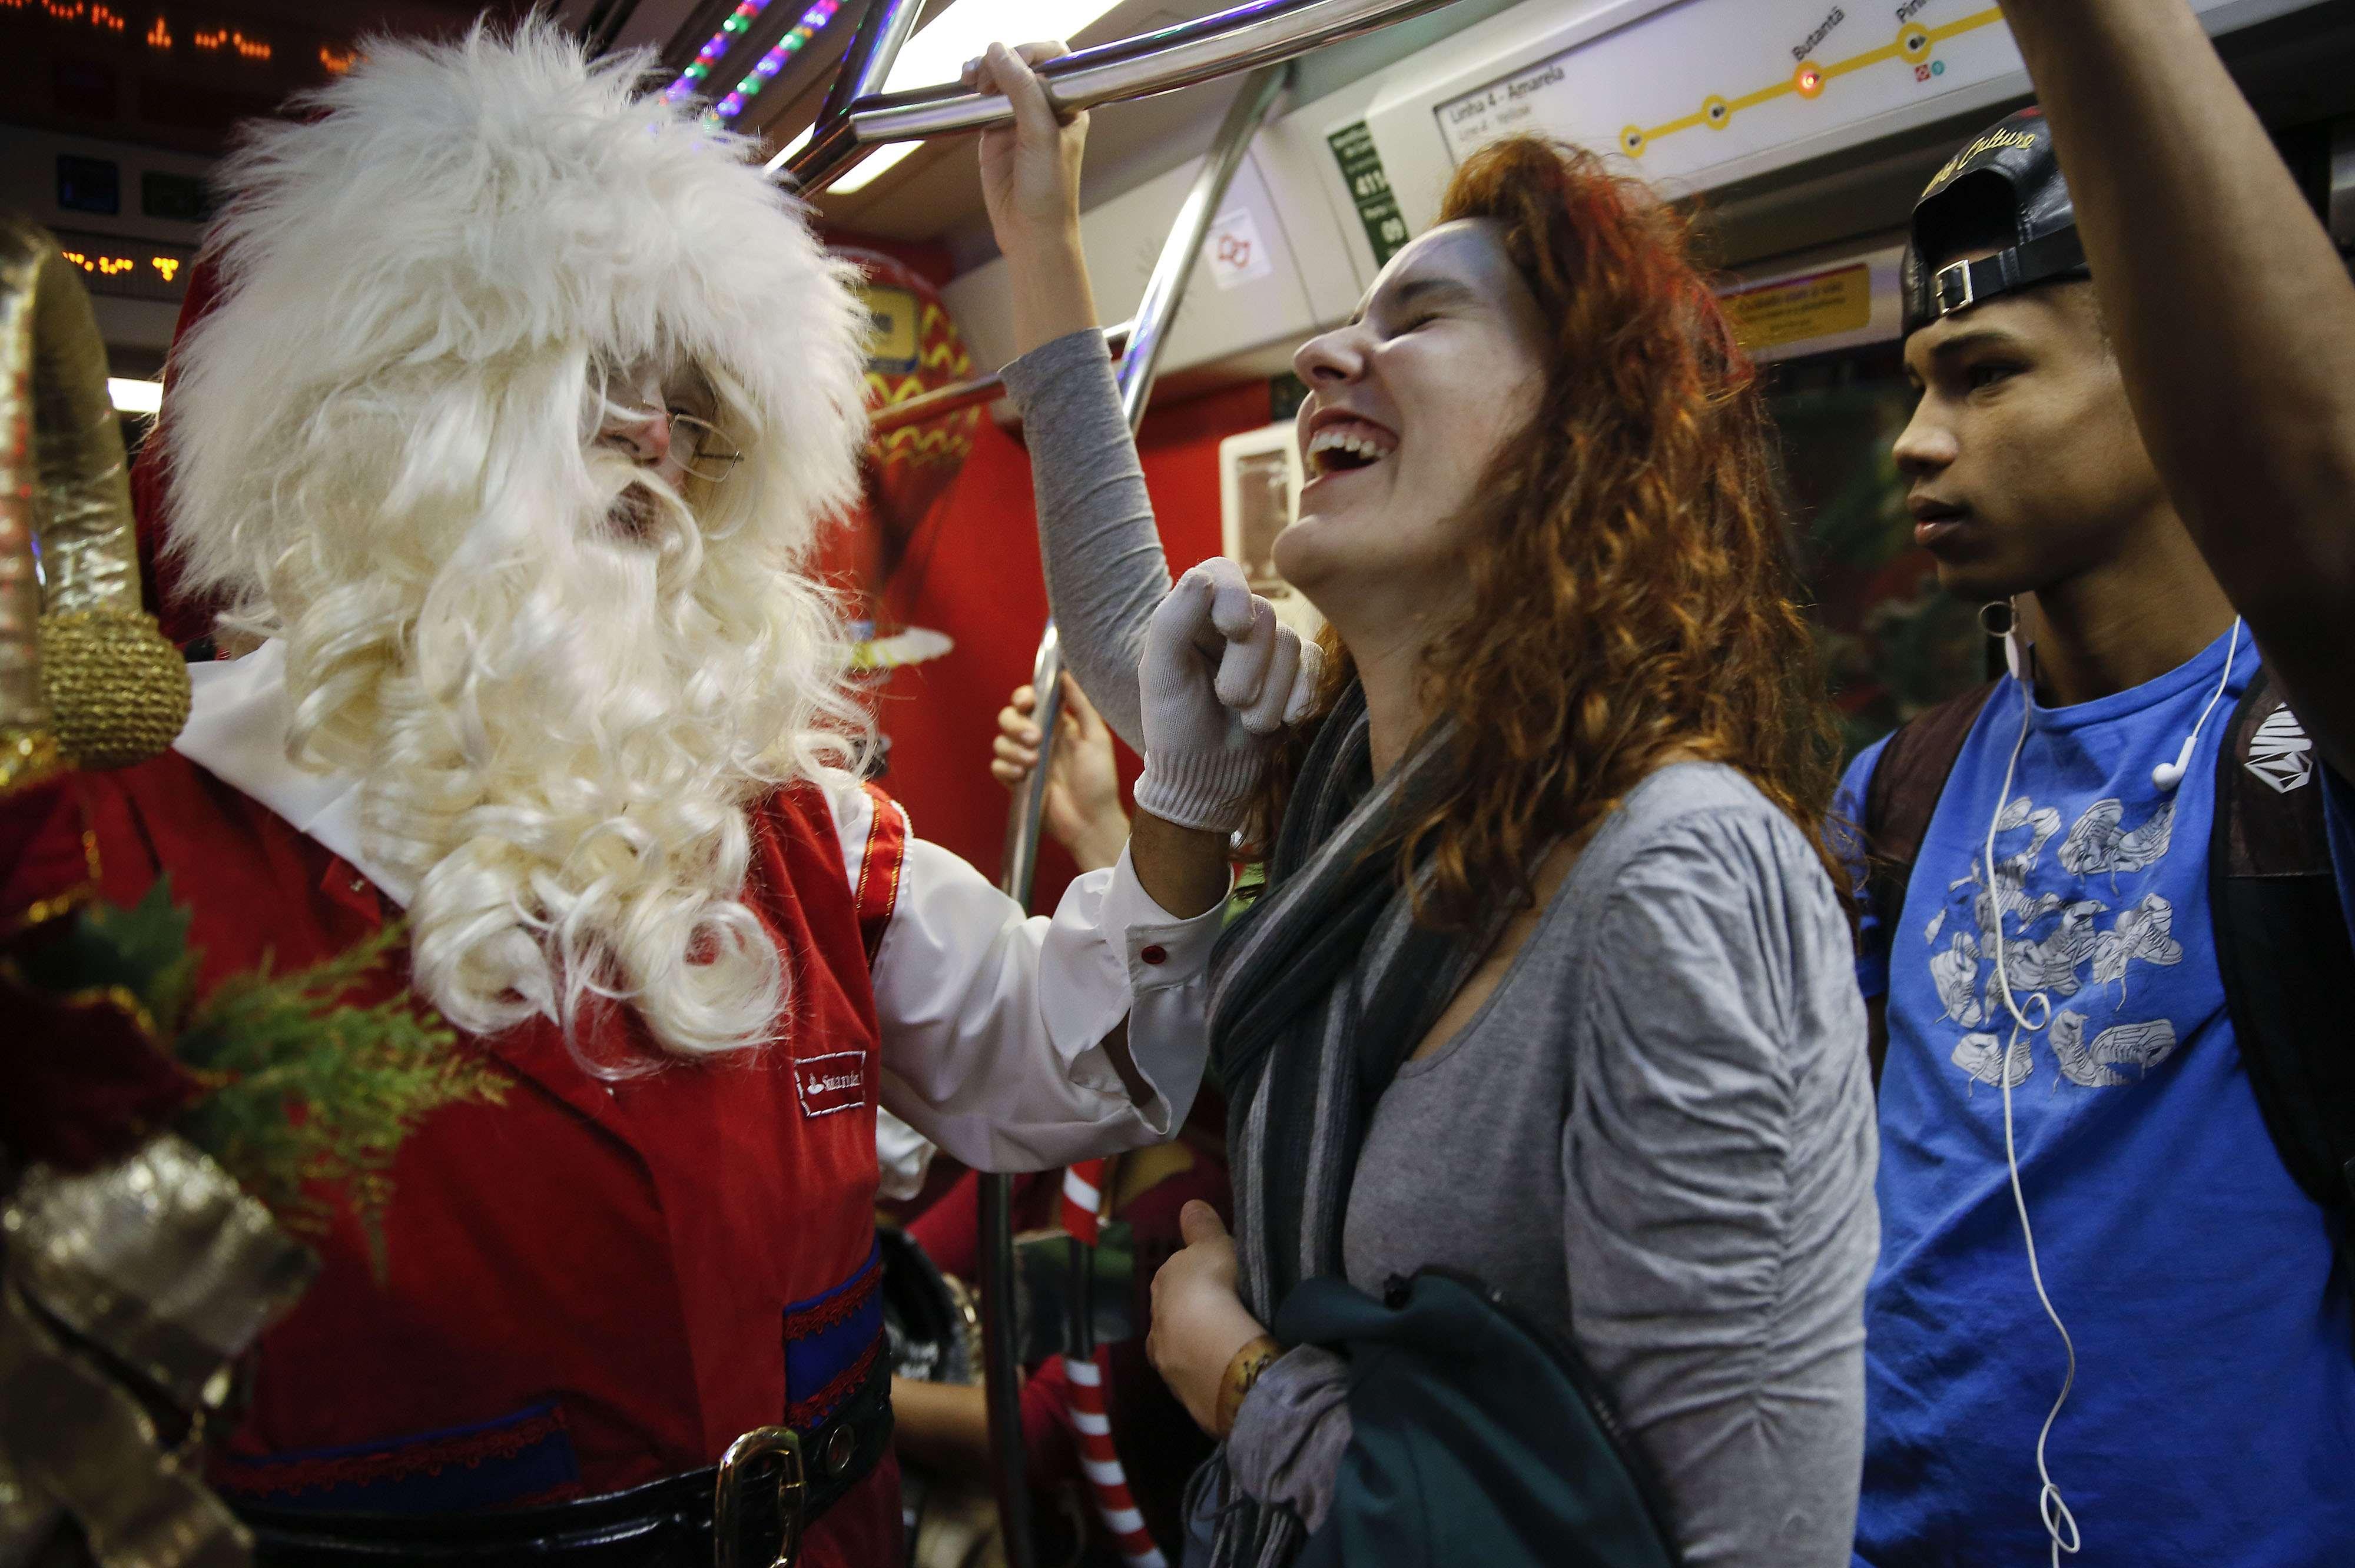 Santa Claus deja el trineo y prefiere llegar en Metro. Foto: Andre Penner/AP